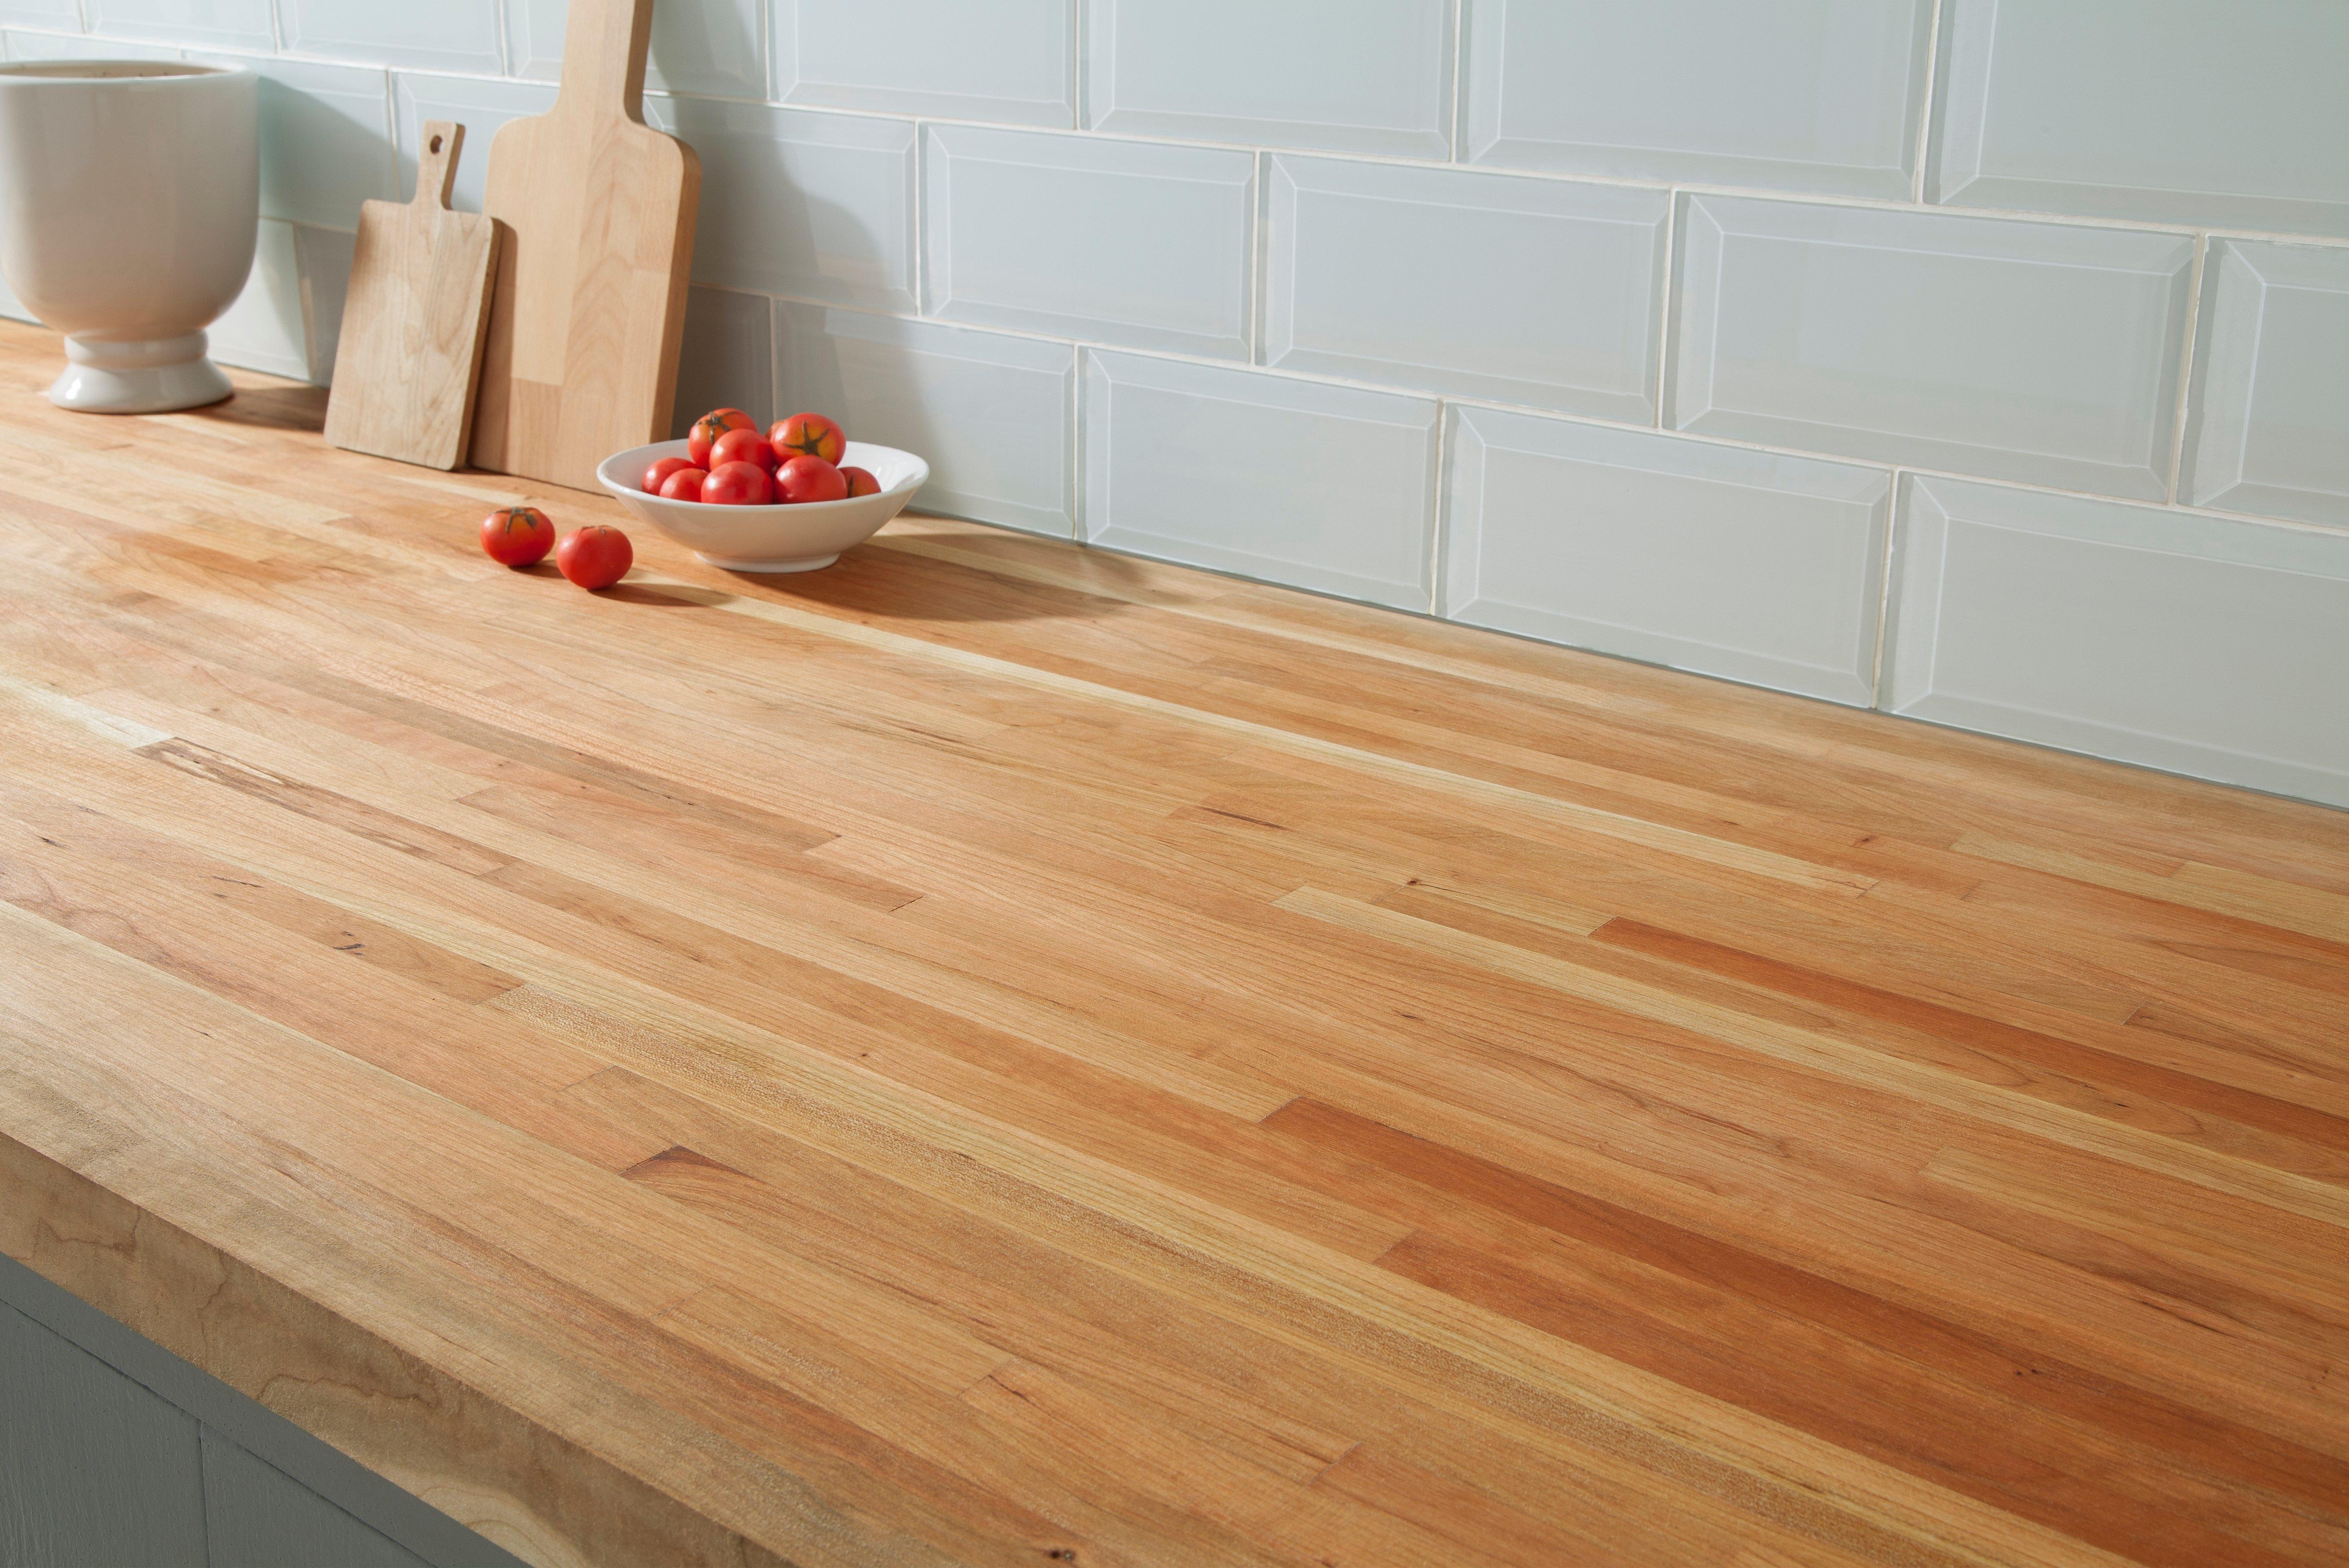 Superbe American Cherry Butcher Block Countertop 8ft.   96in. X 25in.   100020650 |  Floor And Decor